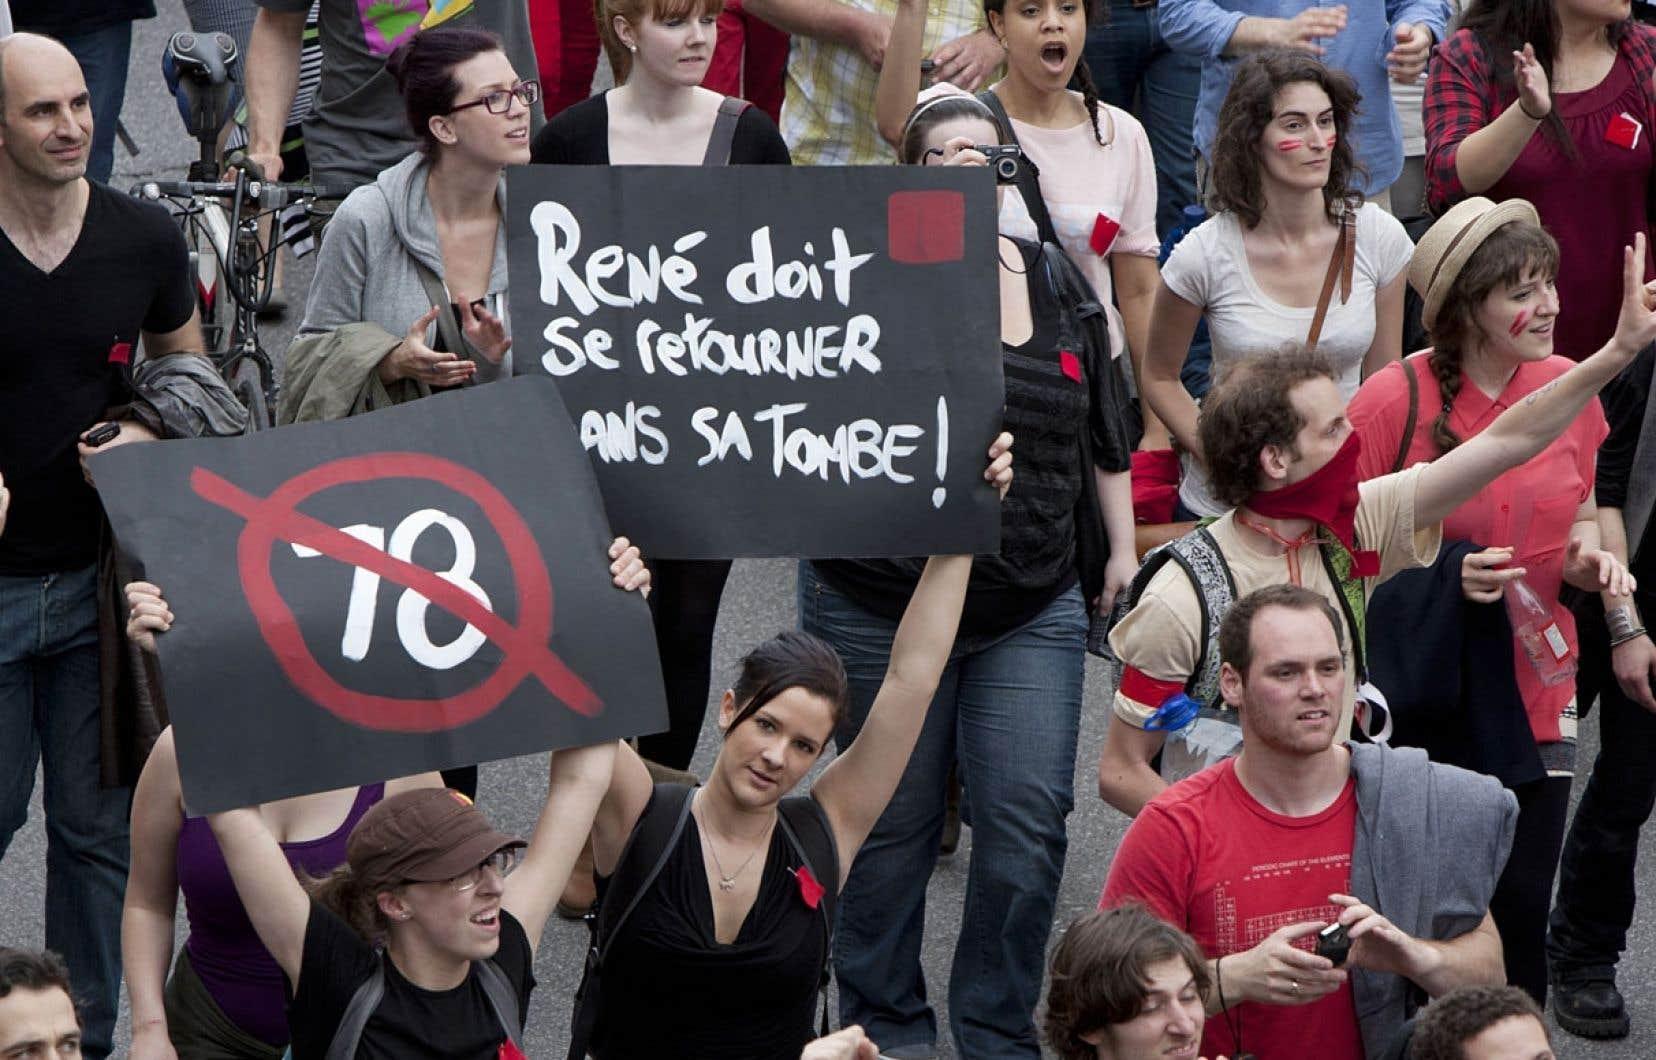 Le printemps 2012 a vu la jeunesse québécoise s'engager publiquement et se mobiliser contre la hausse des droits de scolarité annoncée par le gouvernement Charest.